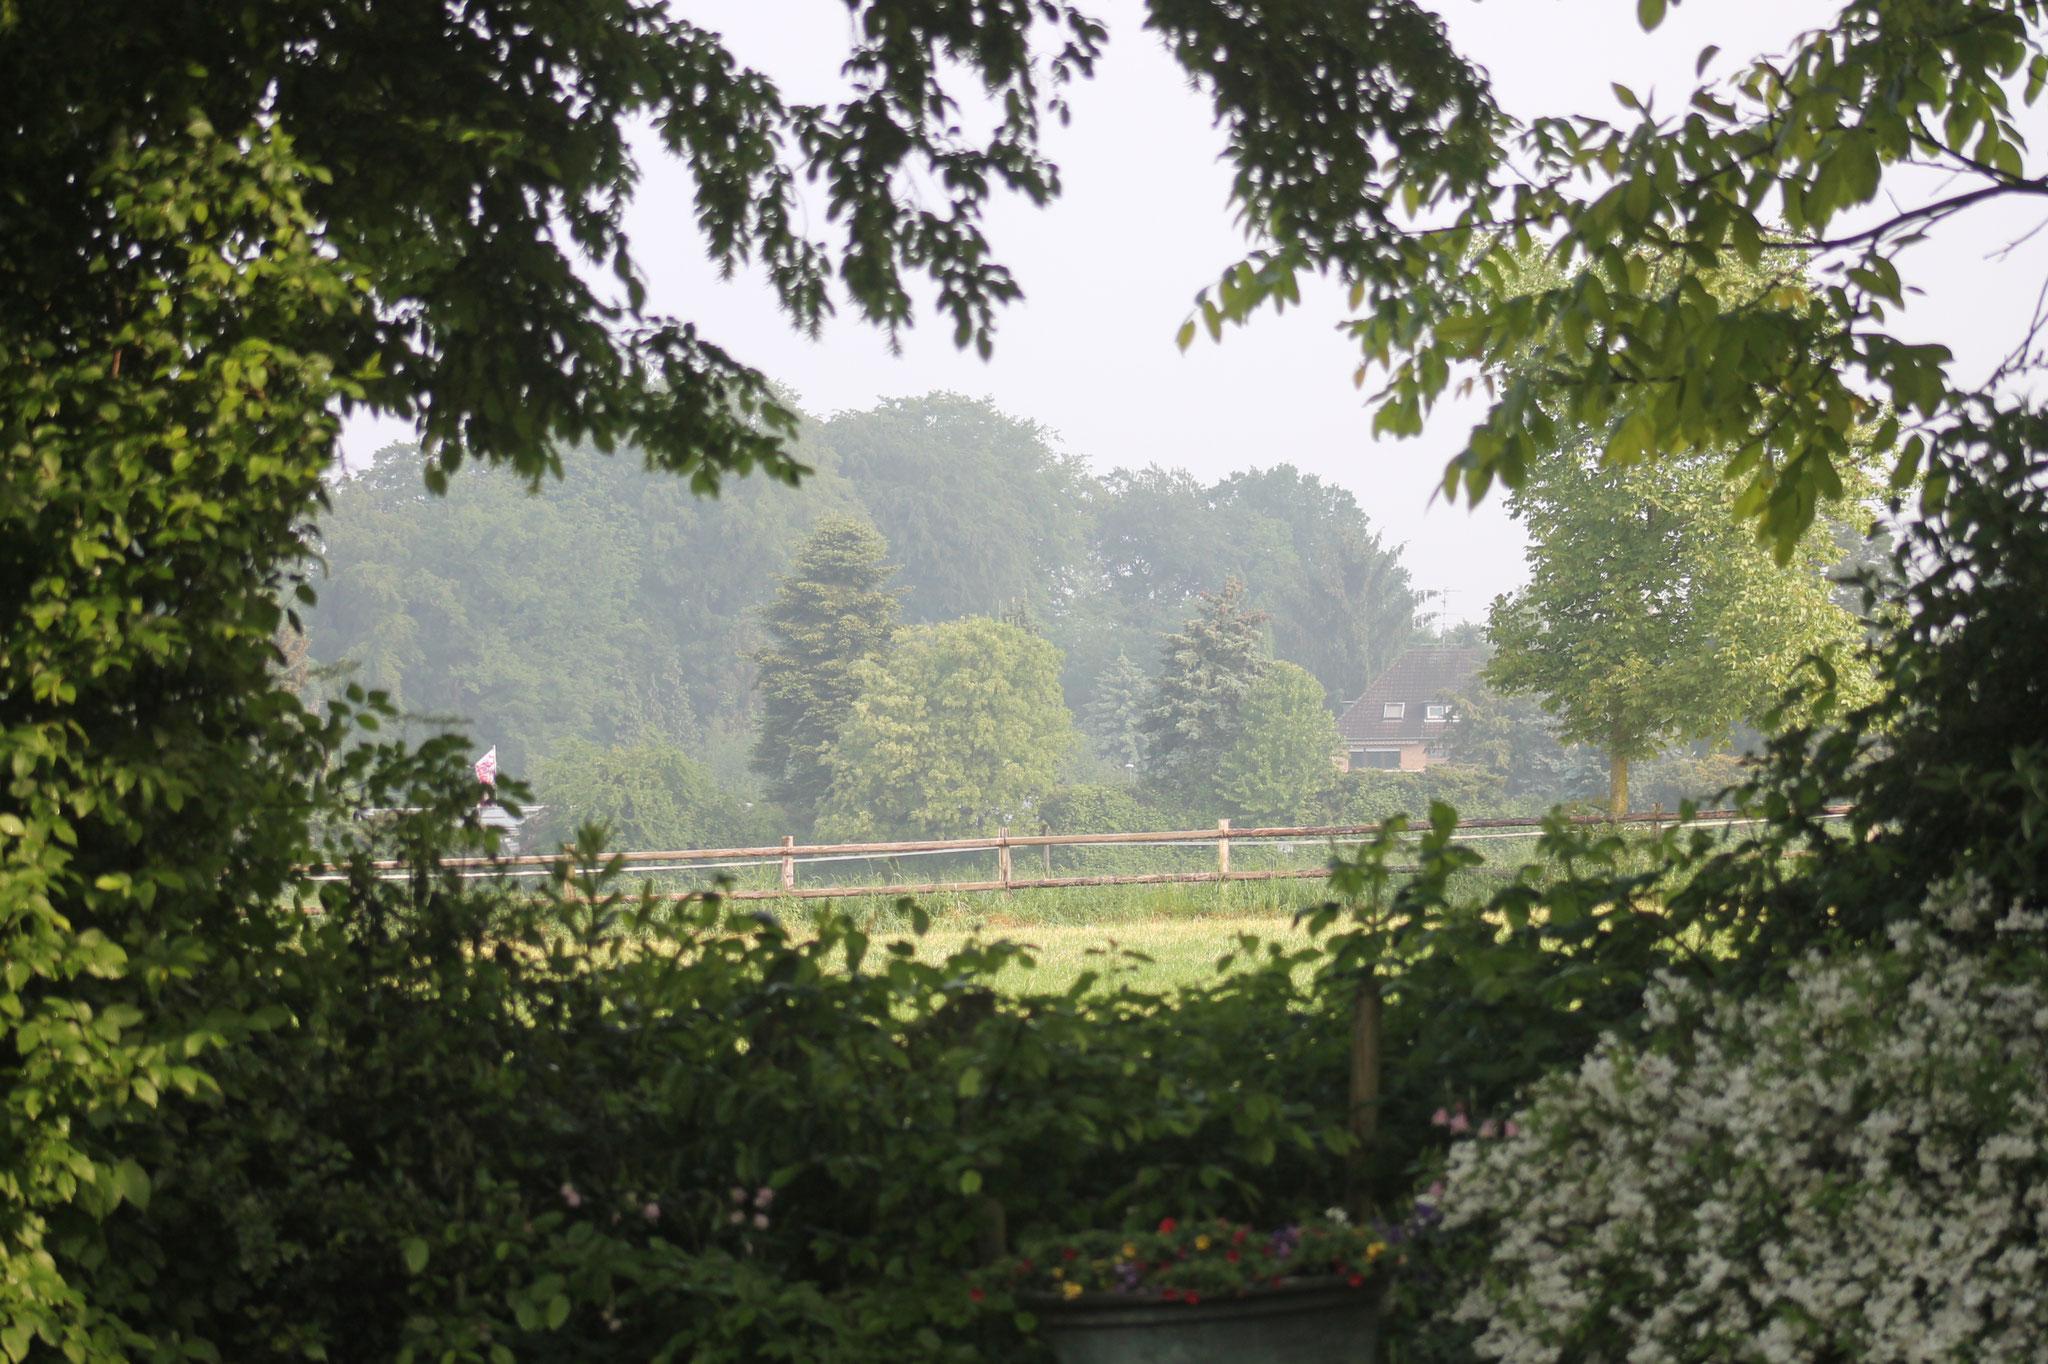 der Blick aus unserem Grundstück auf die Pferdekoppel